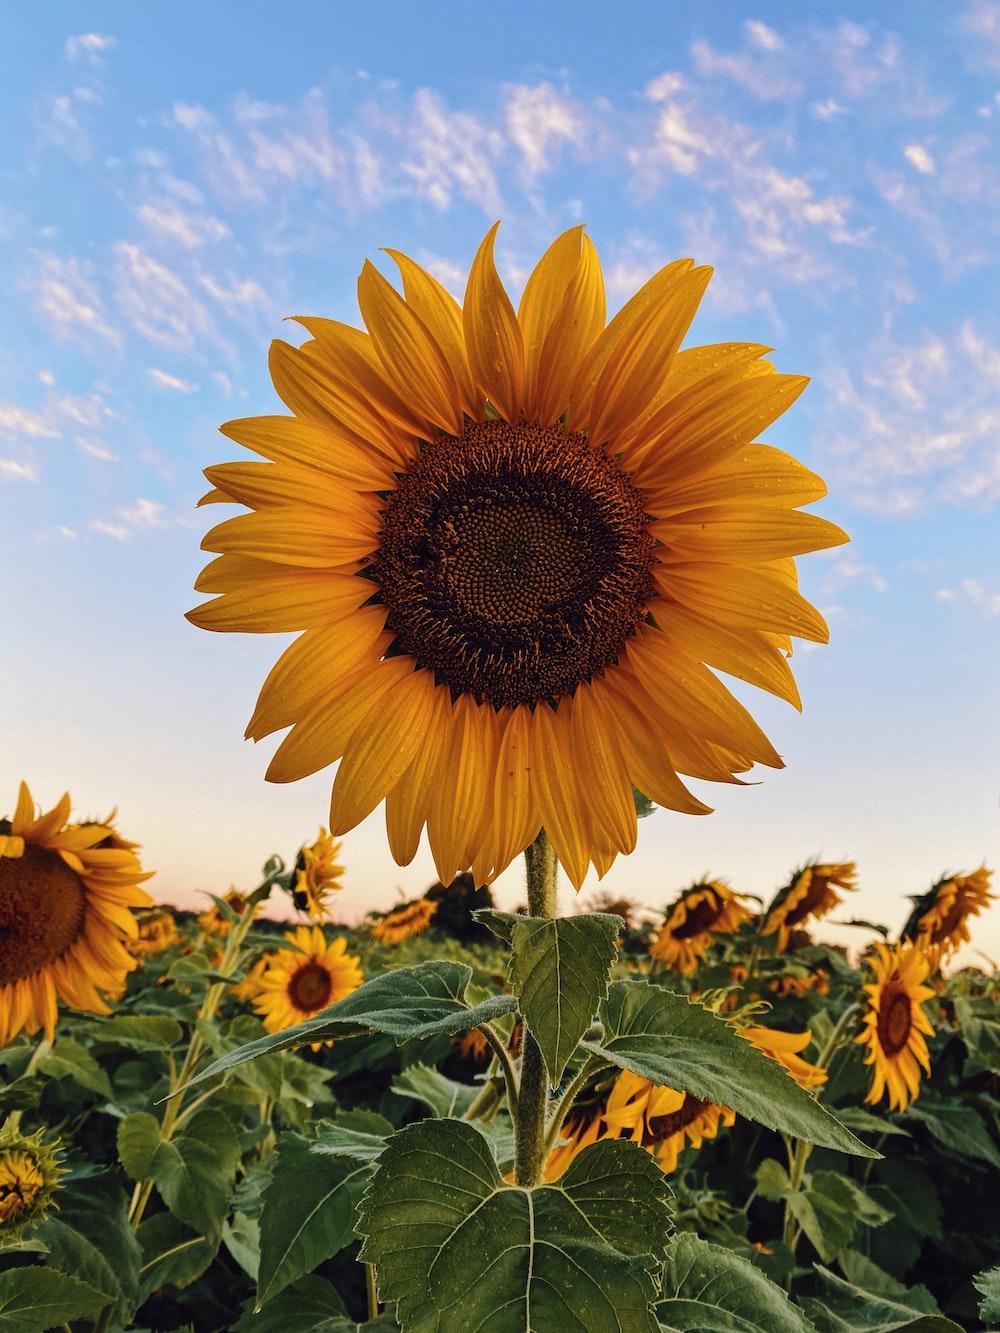 sunflower field under blue sky during daytime